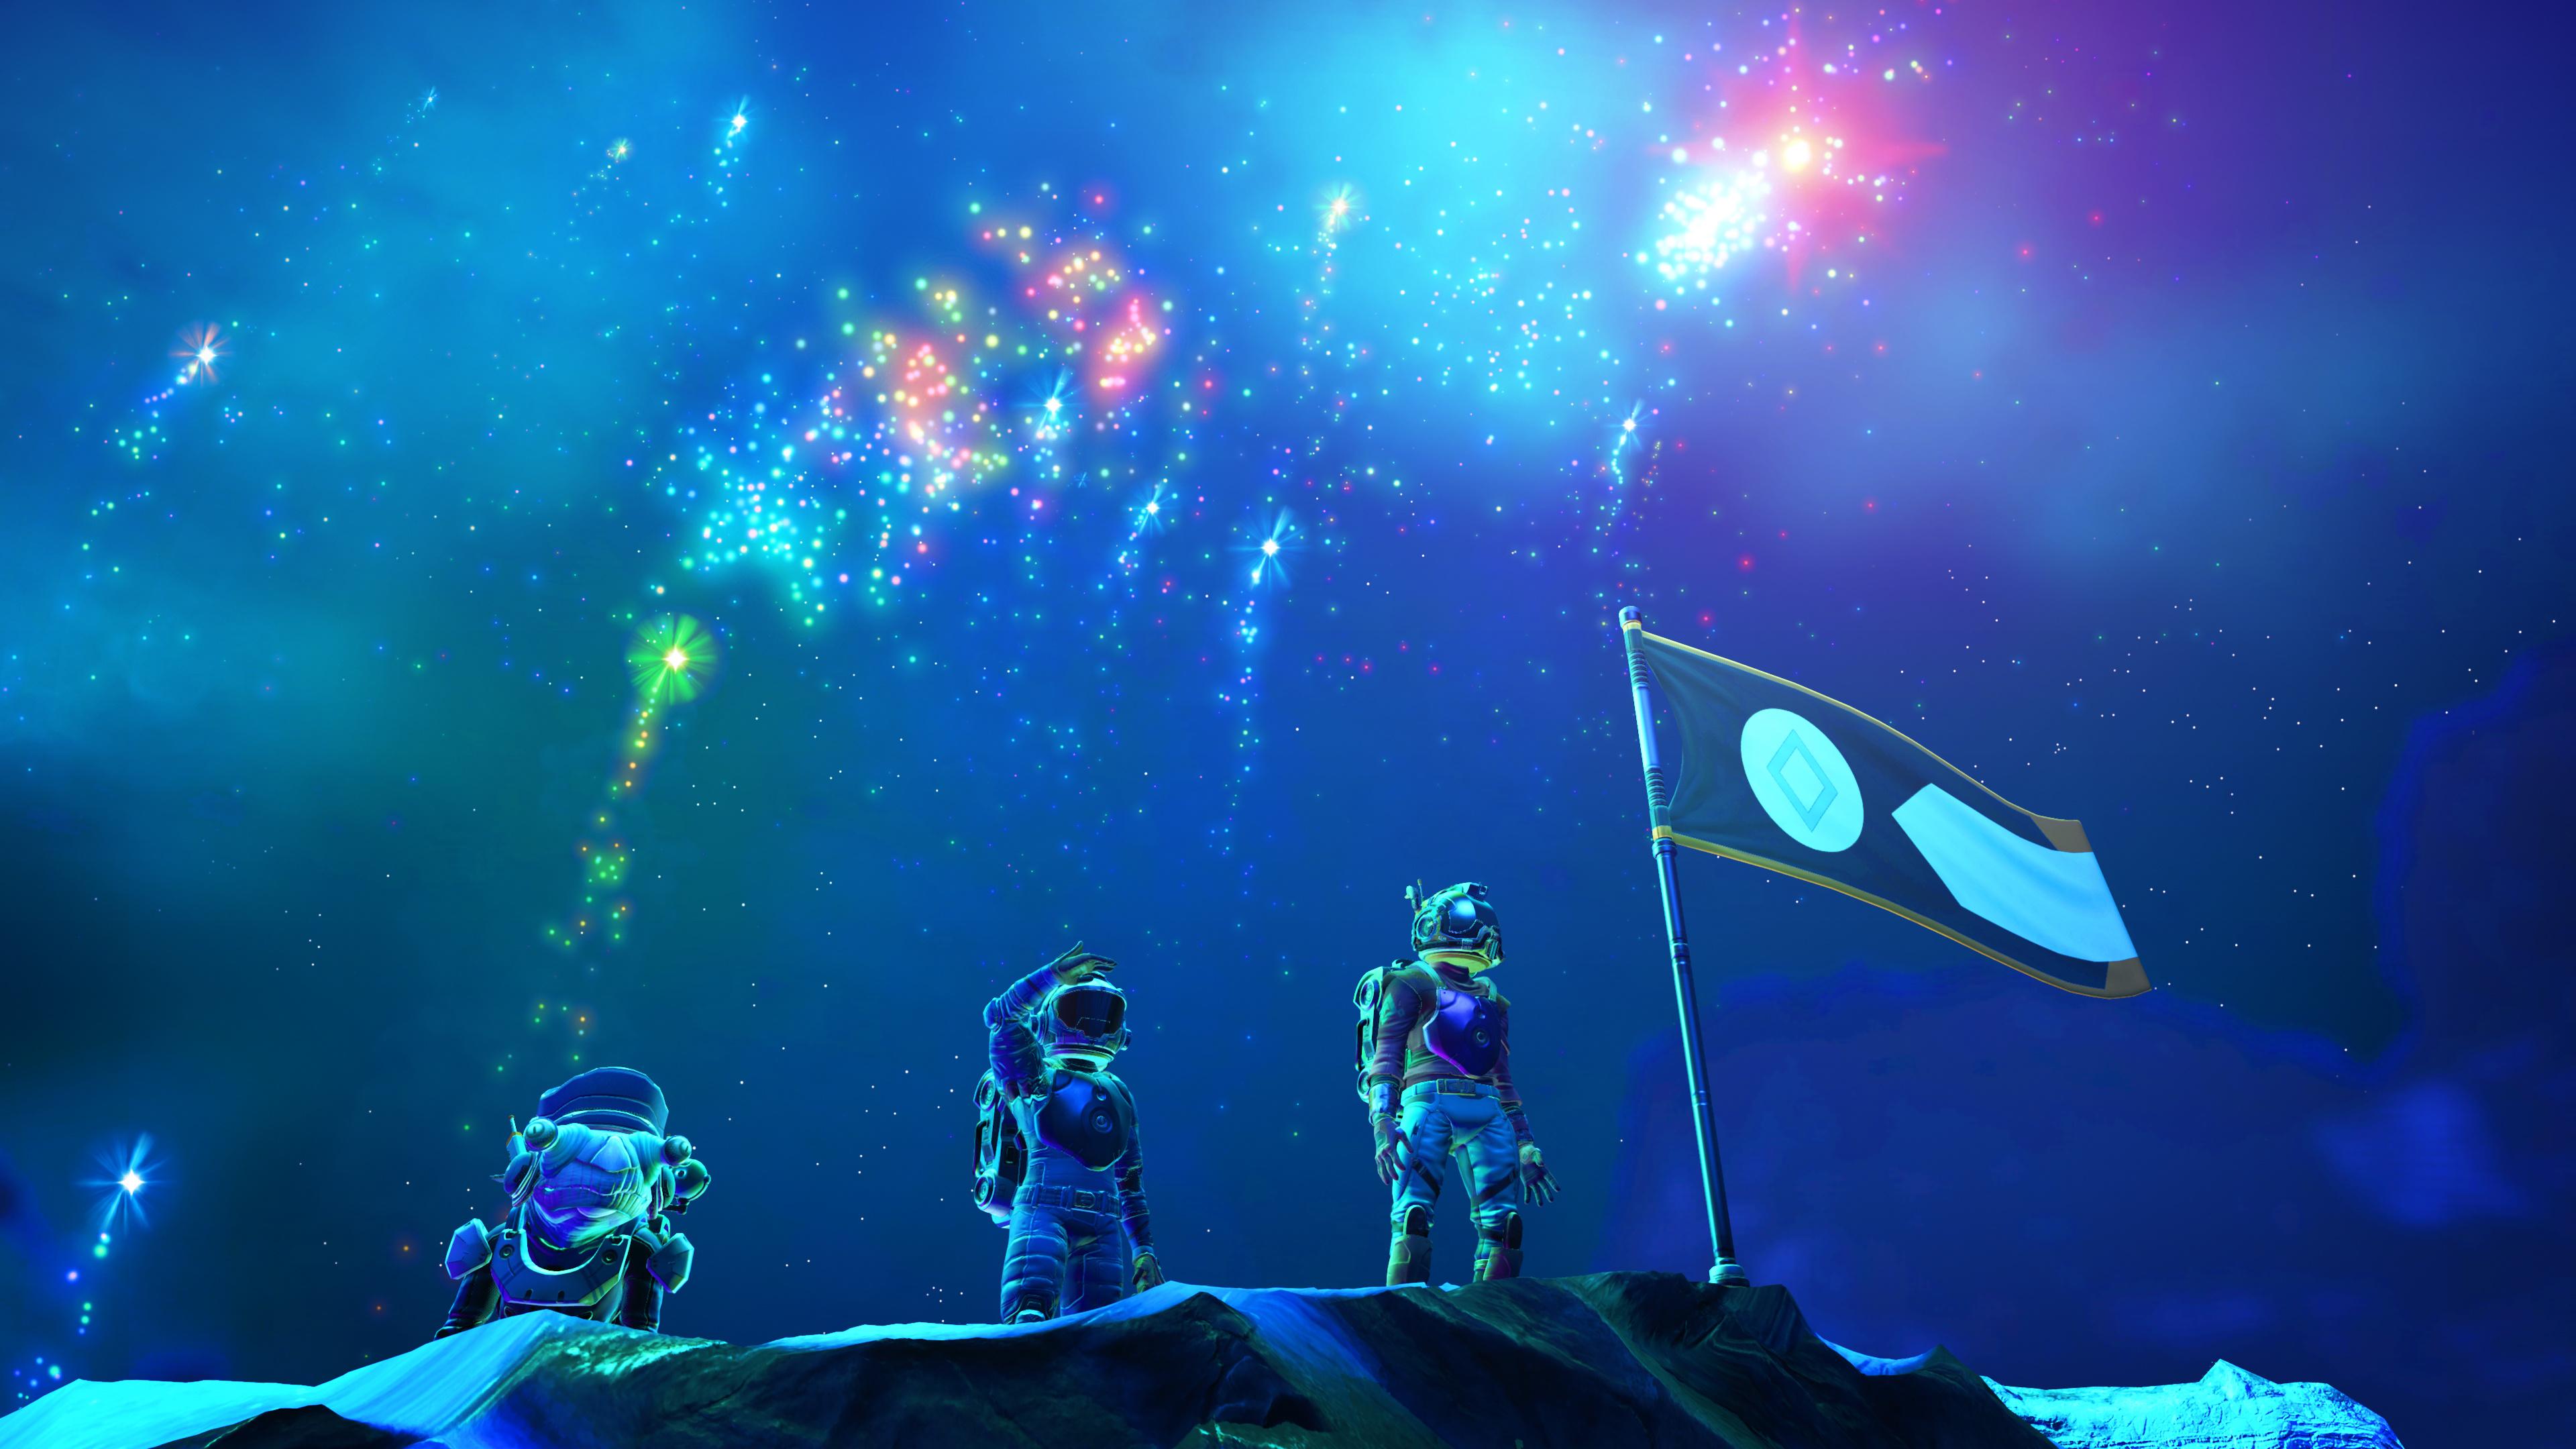 Download 3840x2160 Wallpaper No Man S Sky Visions Astronaut